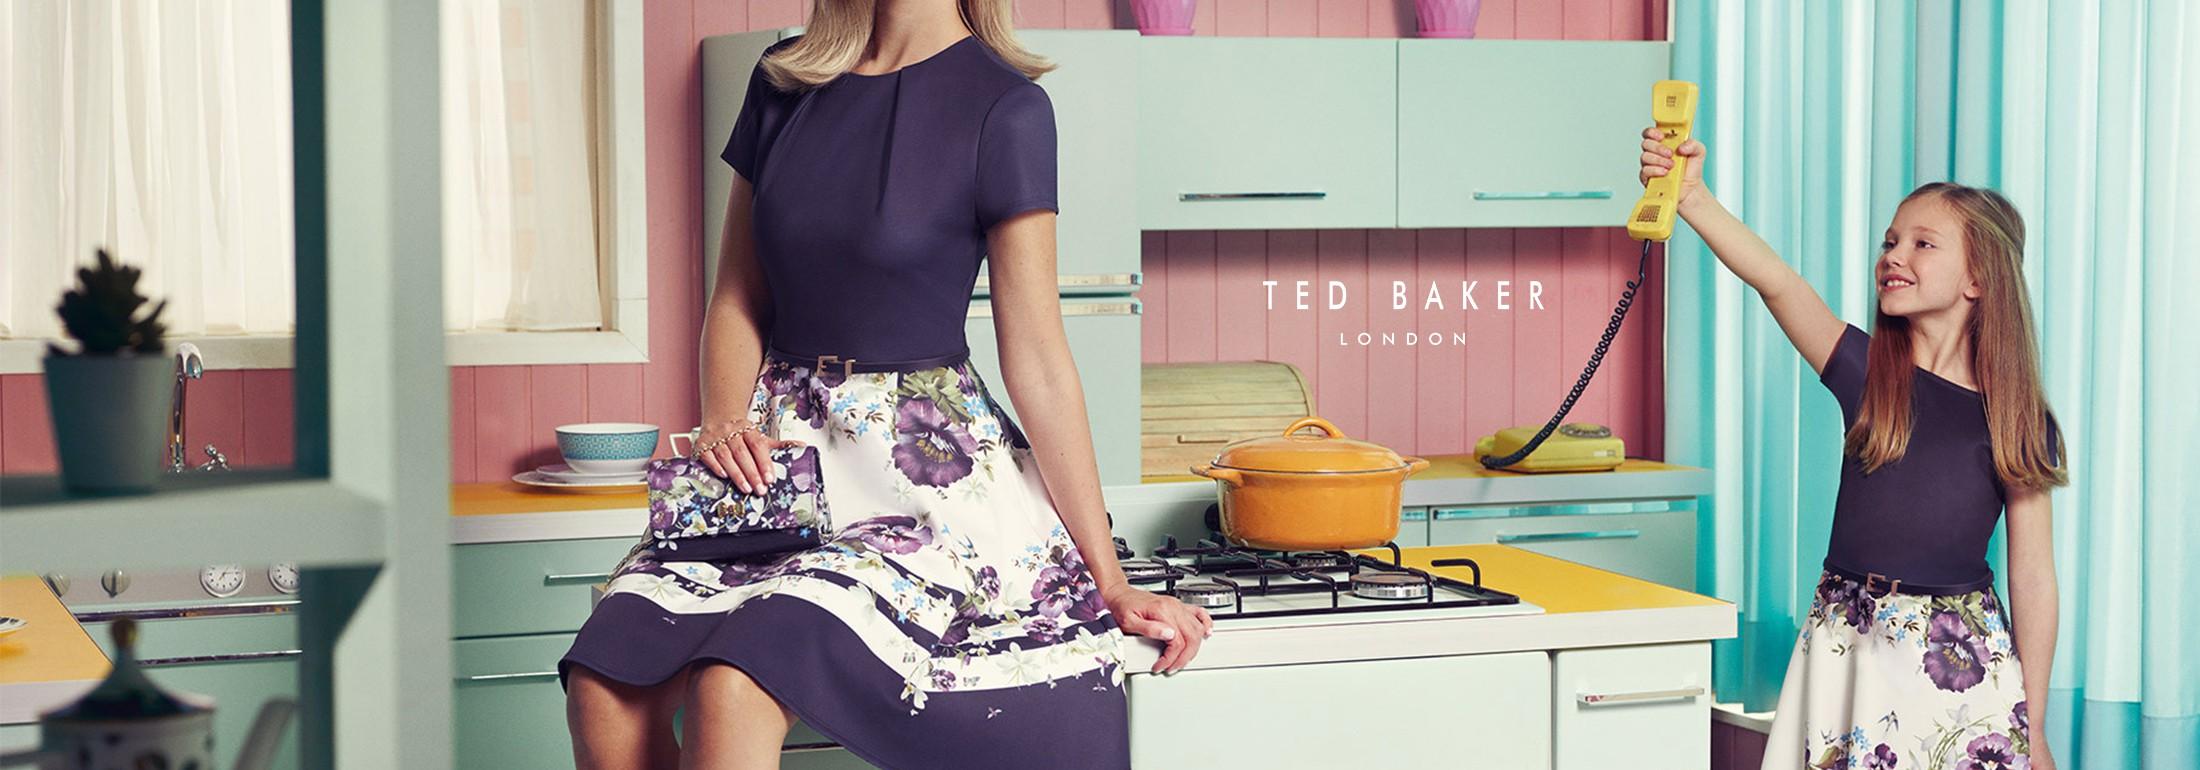 Ted Baker Taschen online kaufen bei Brandfield